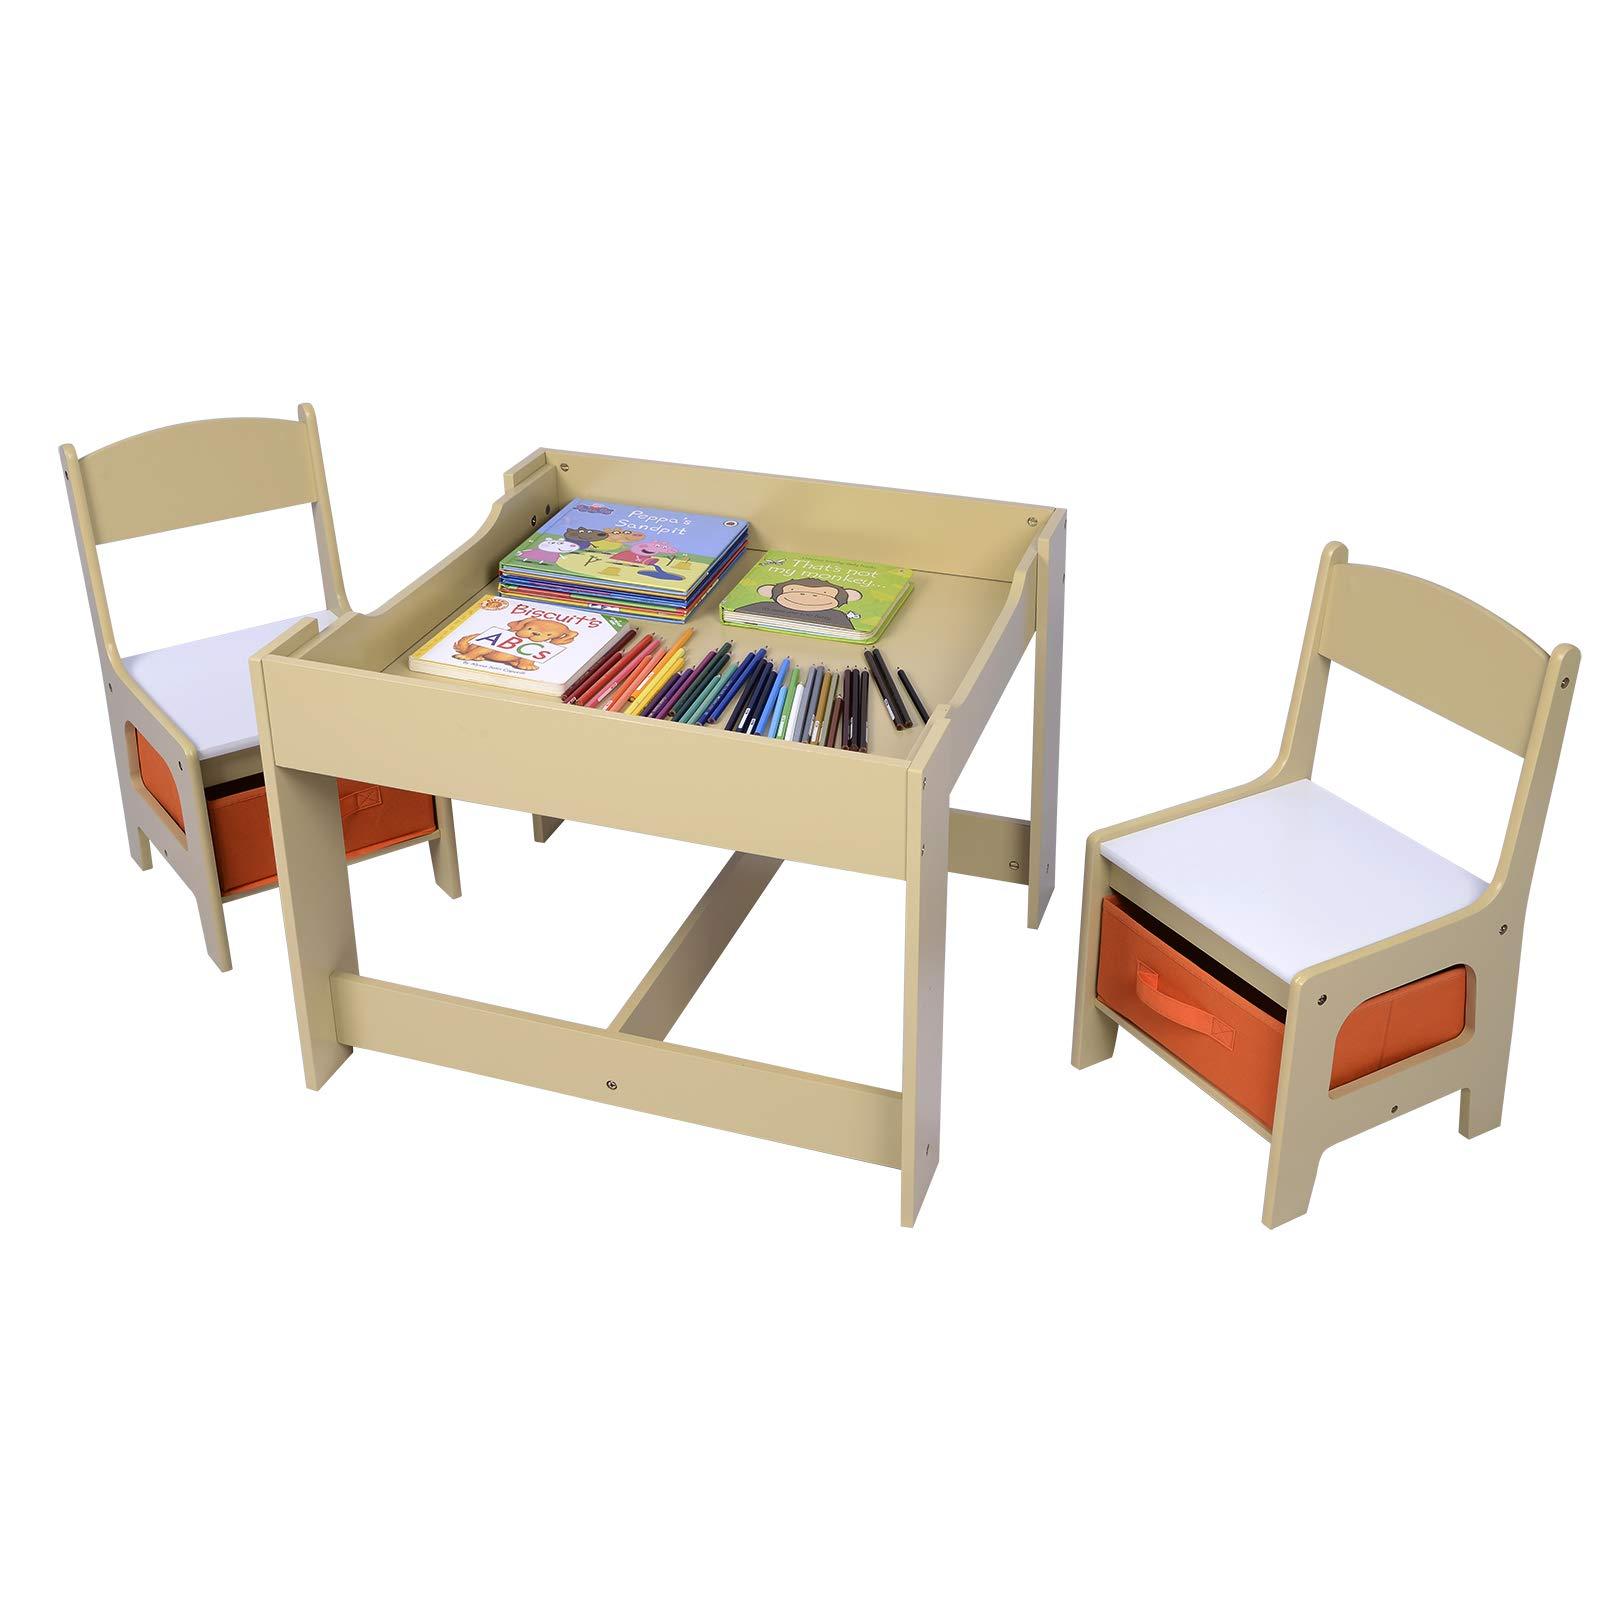 Tavolino Con Contenitore.Woltu Sg002 Set Mobili Con Lavagna Contenitore Tavolo E Sedie Per Bambini Gioco Soggiorno Tavolino Con 2 Sgabelli In Legno